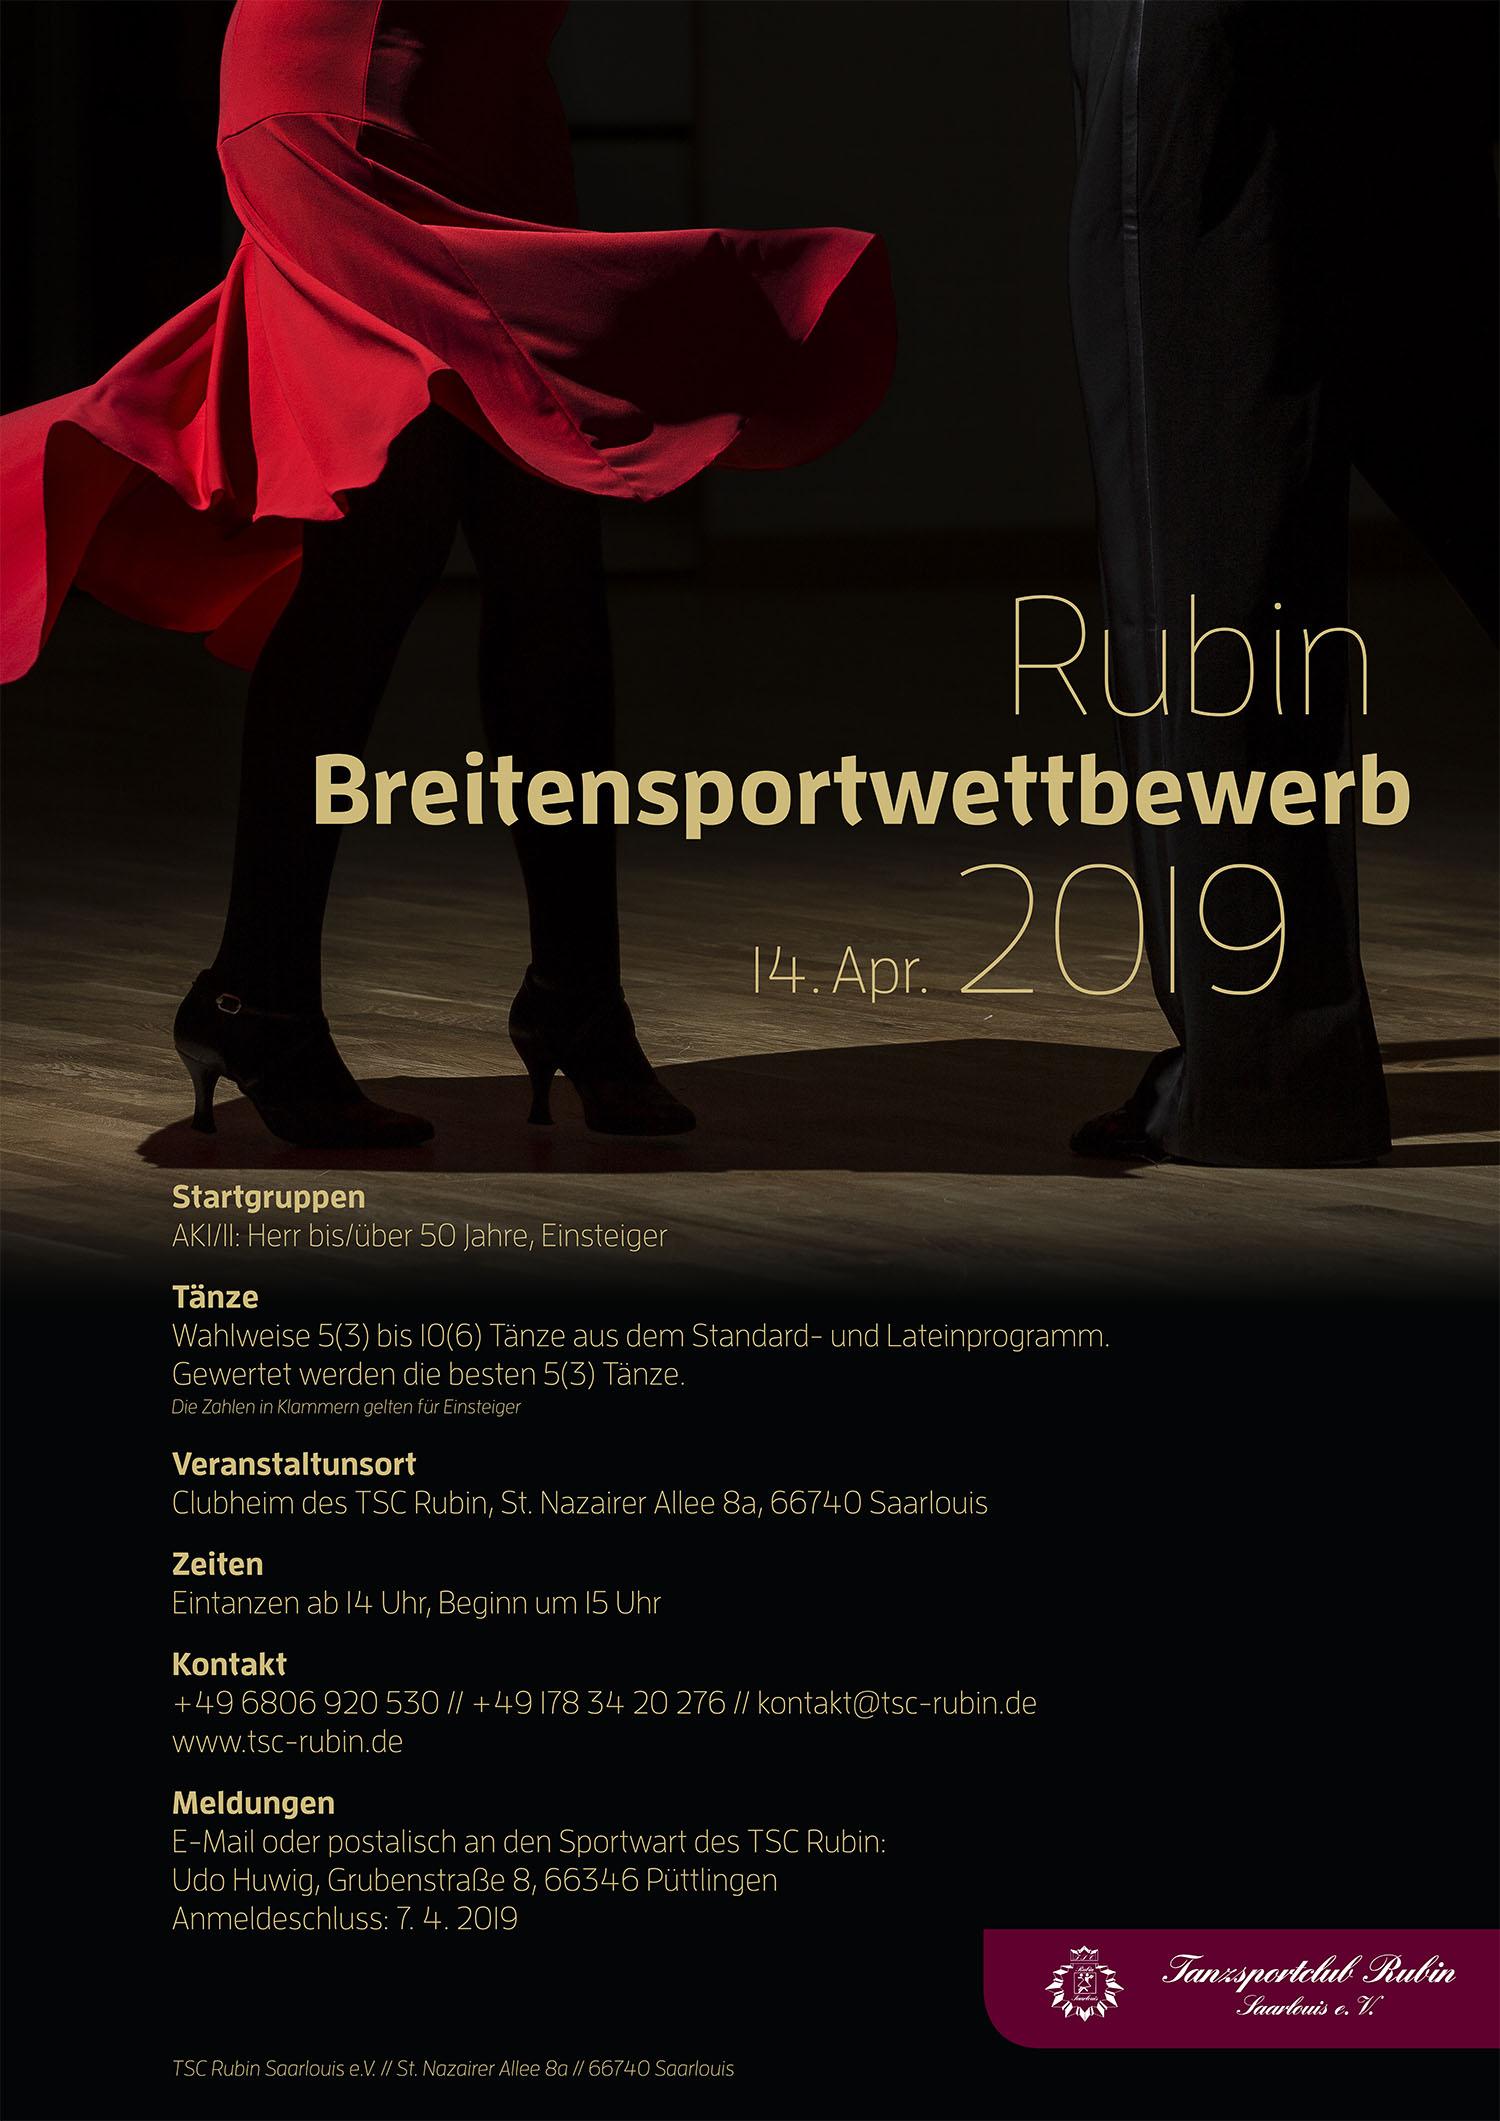 Plakat Rubin Breitensport 2019 06.jpg